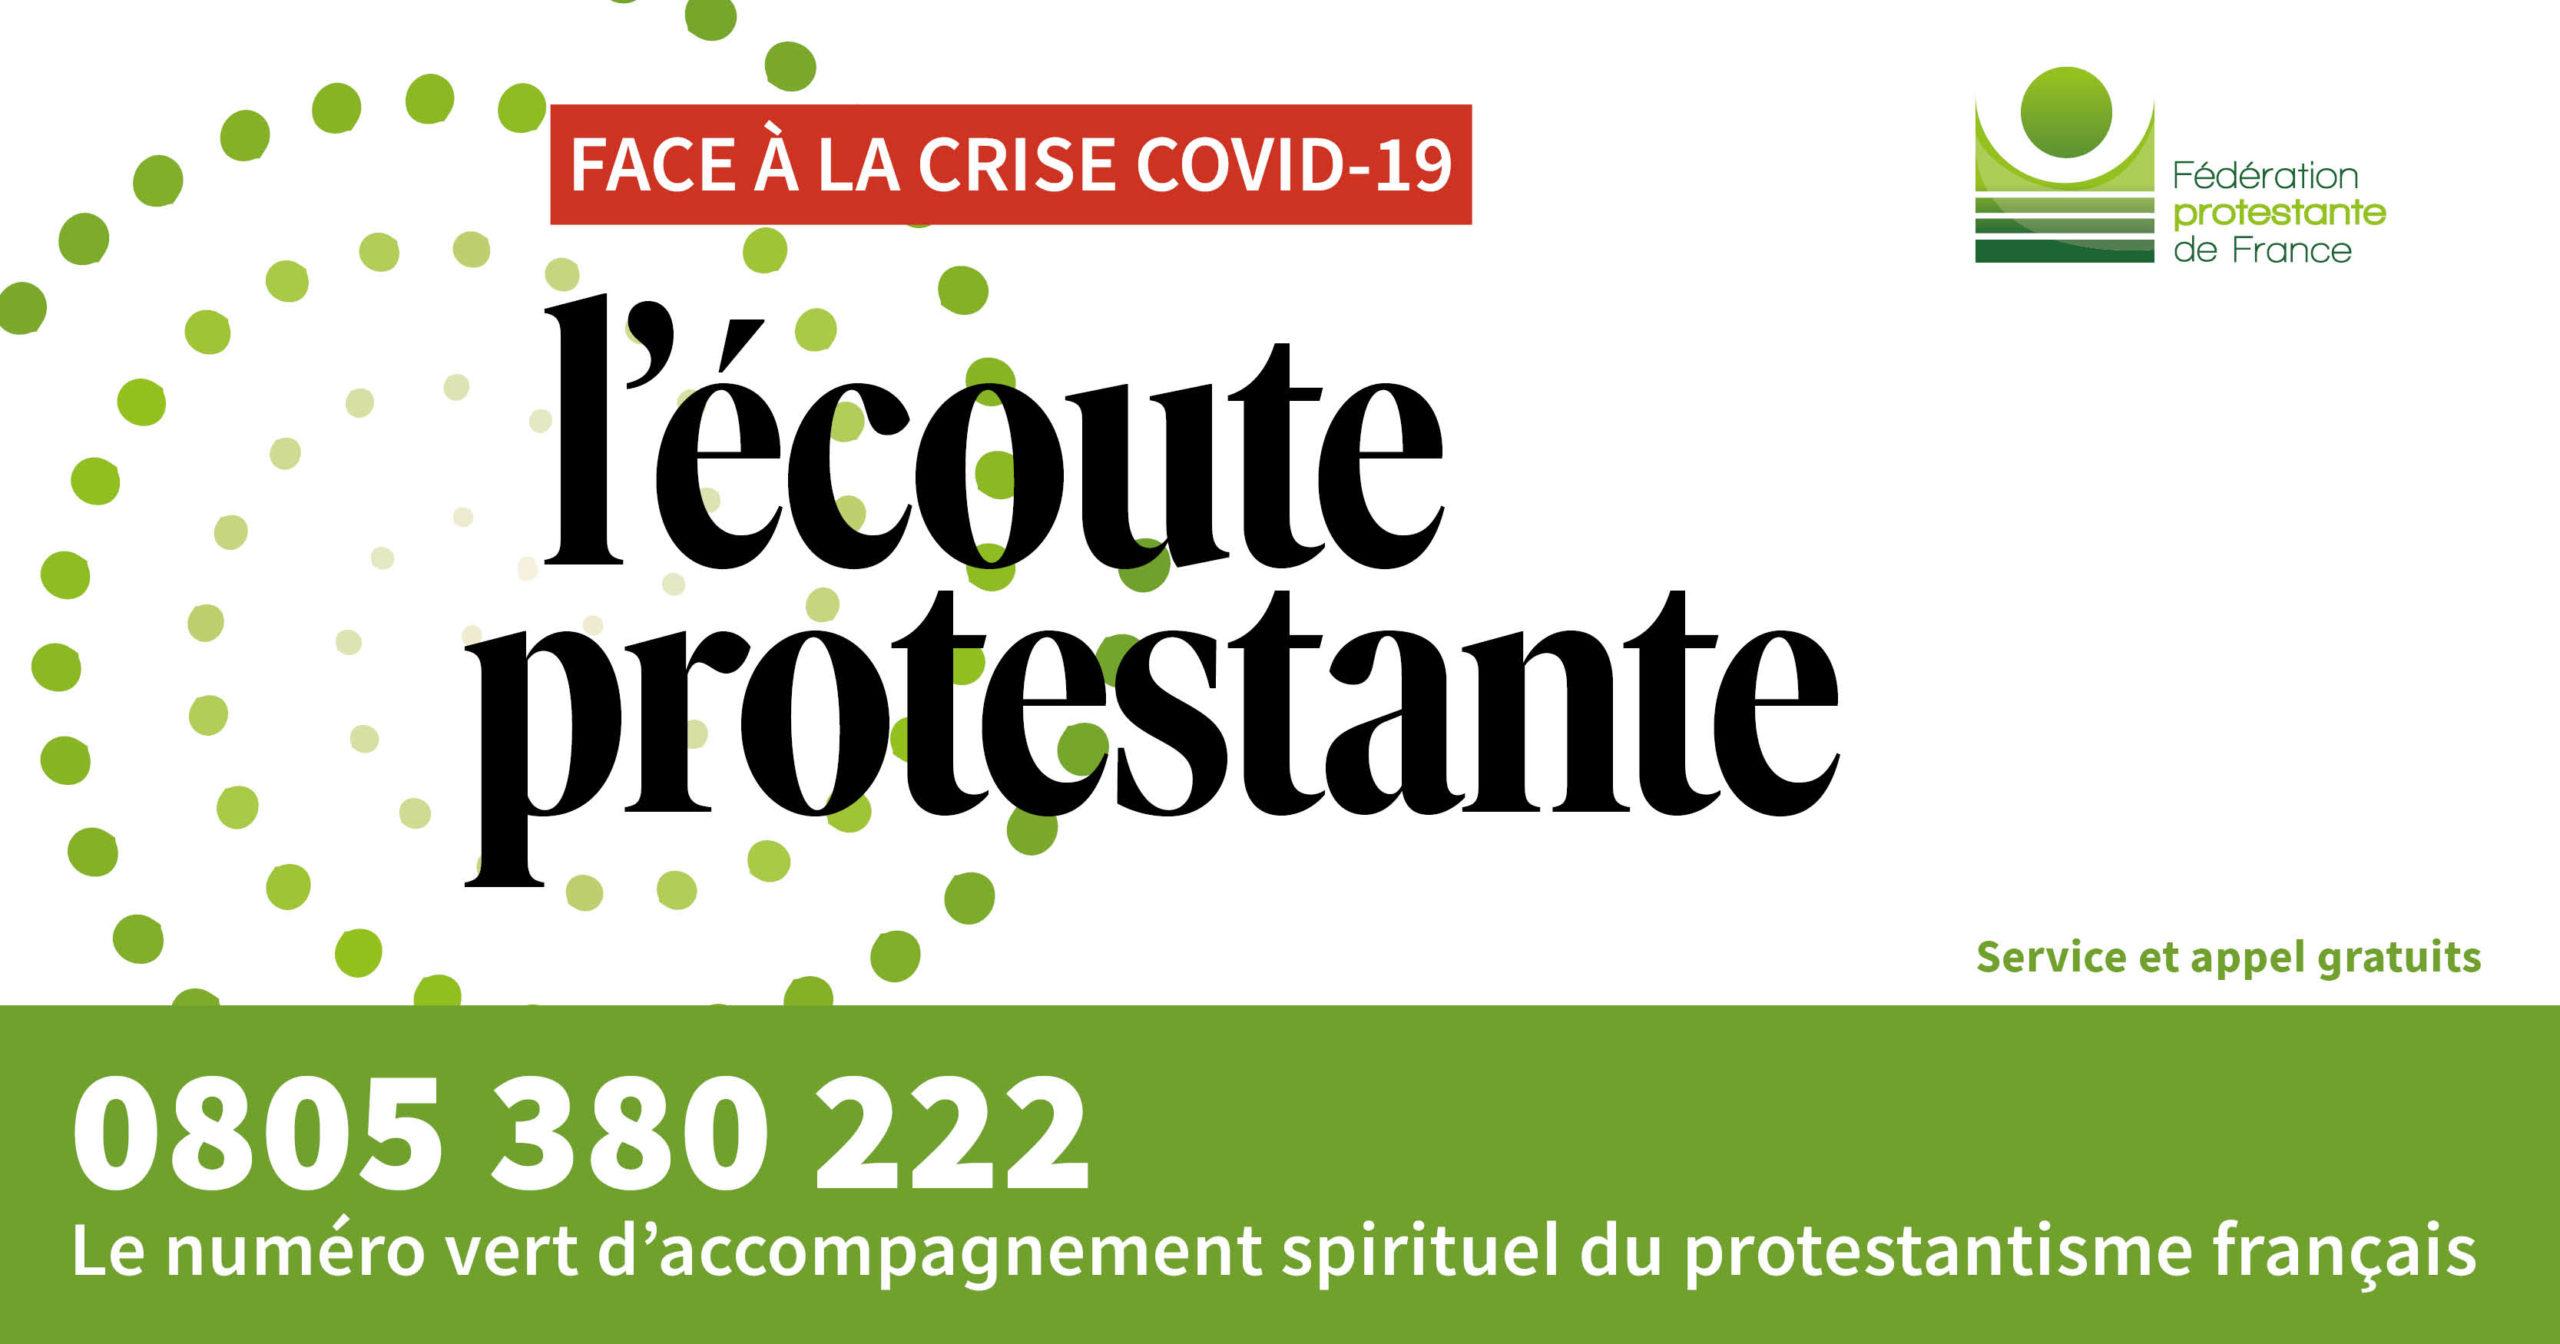 Face à la crise Covid-19, besoin d'une écoute et d'un accompagnement spirituel ?